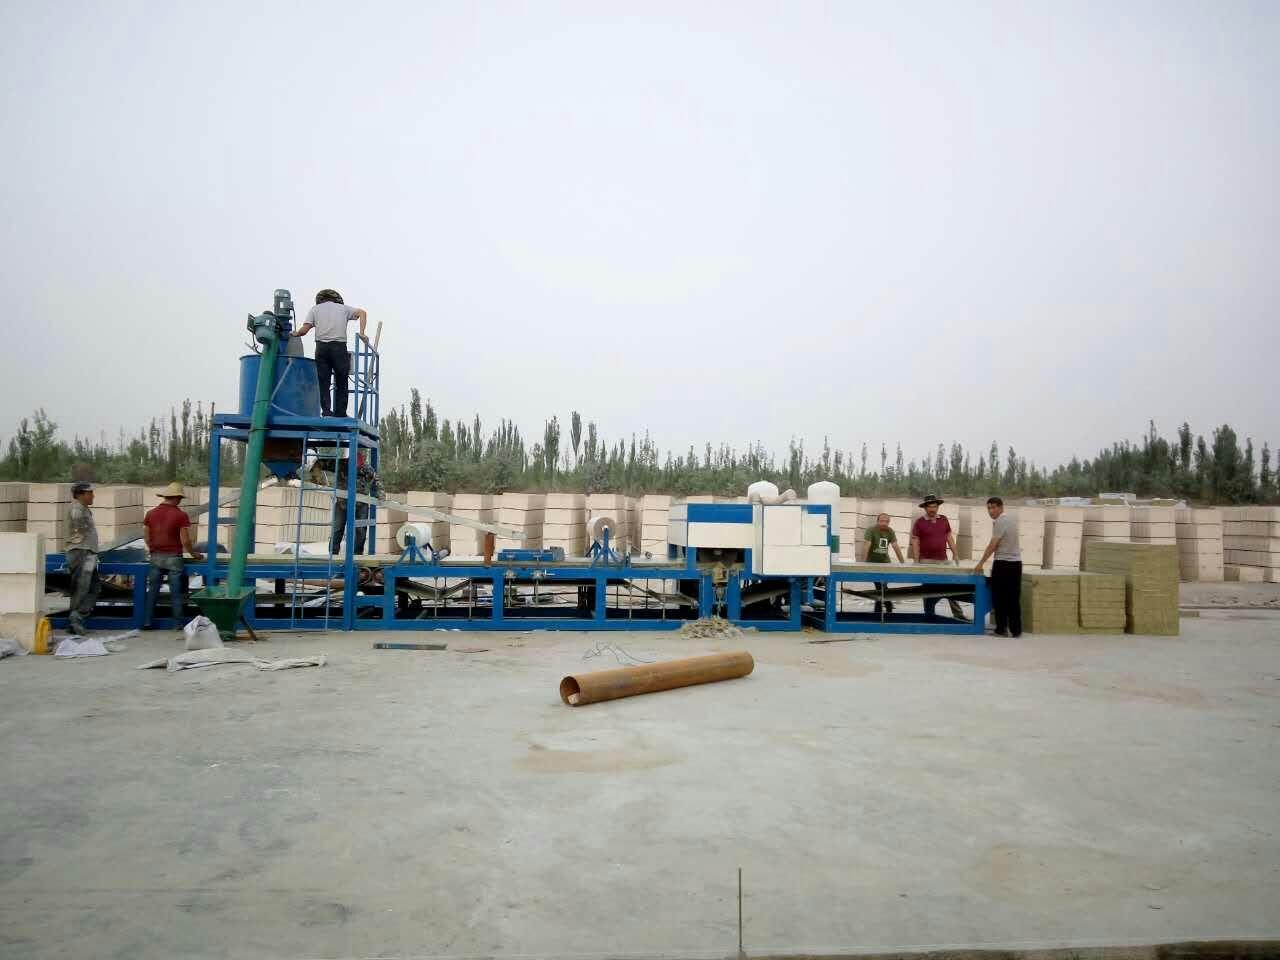 复合砂浆保温板 河北复合砂浆保温板 供应复合砂浆保温板 复合砂浆保温板报价 复合砂浆保温板供应商